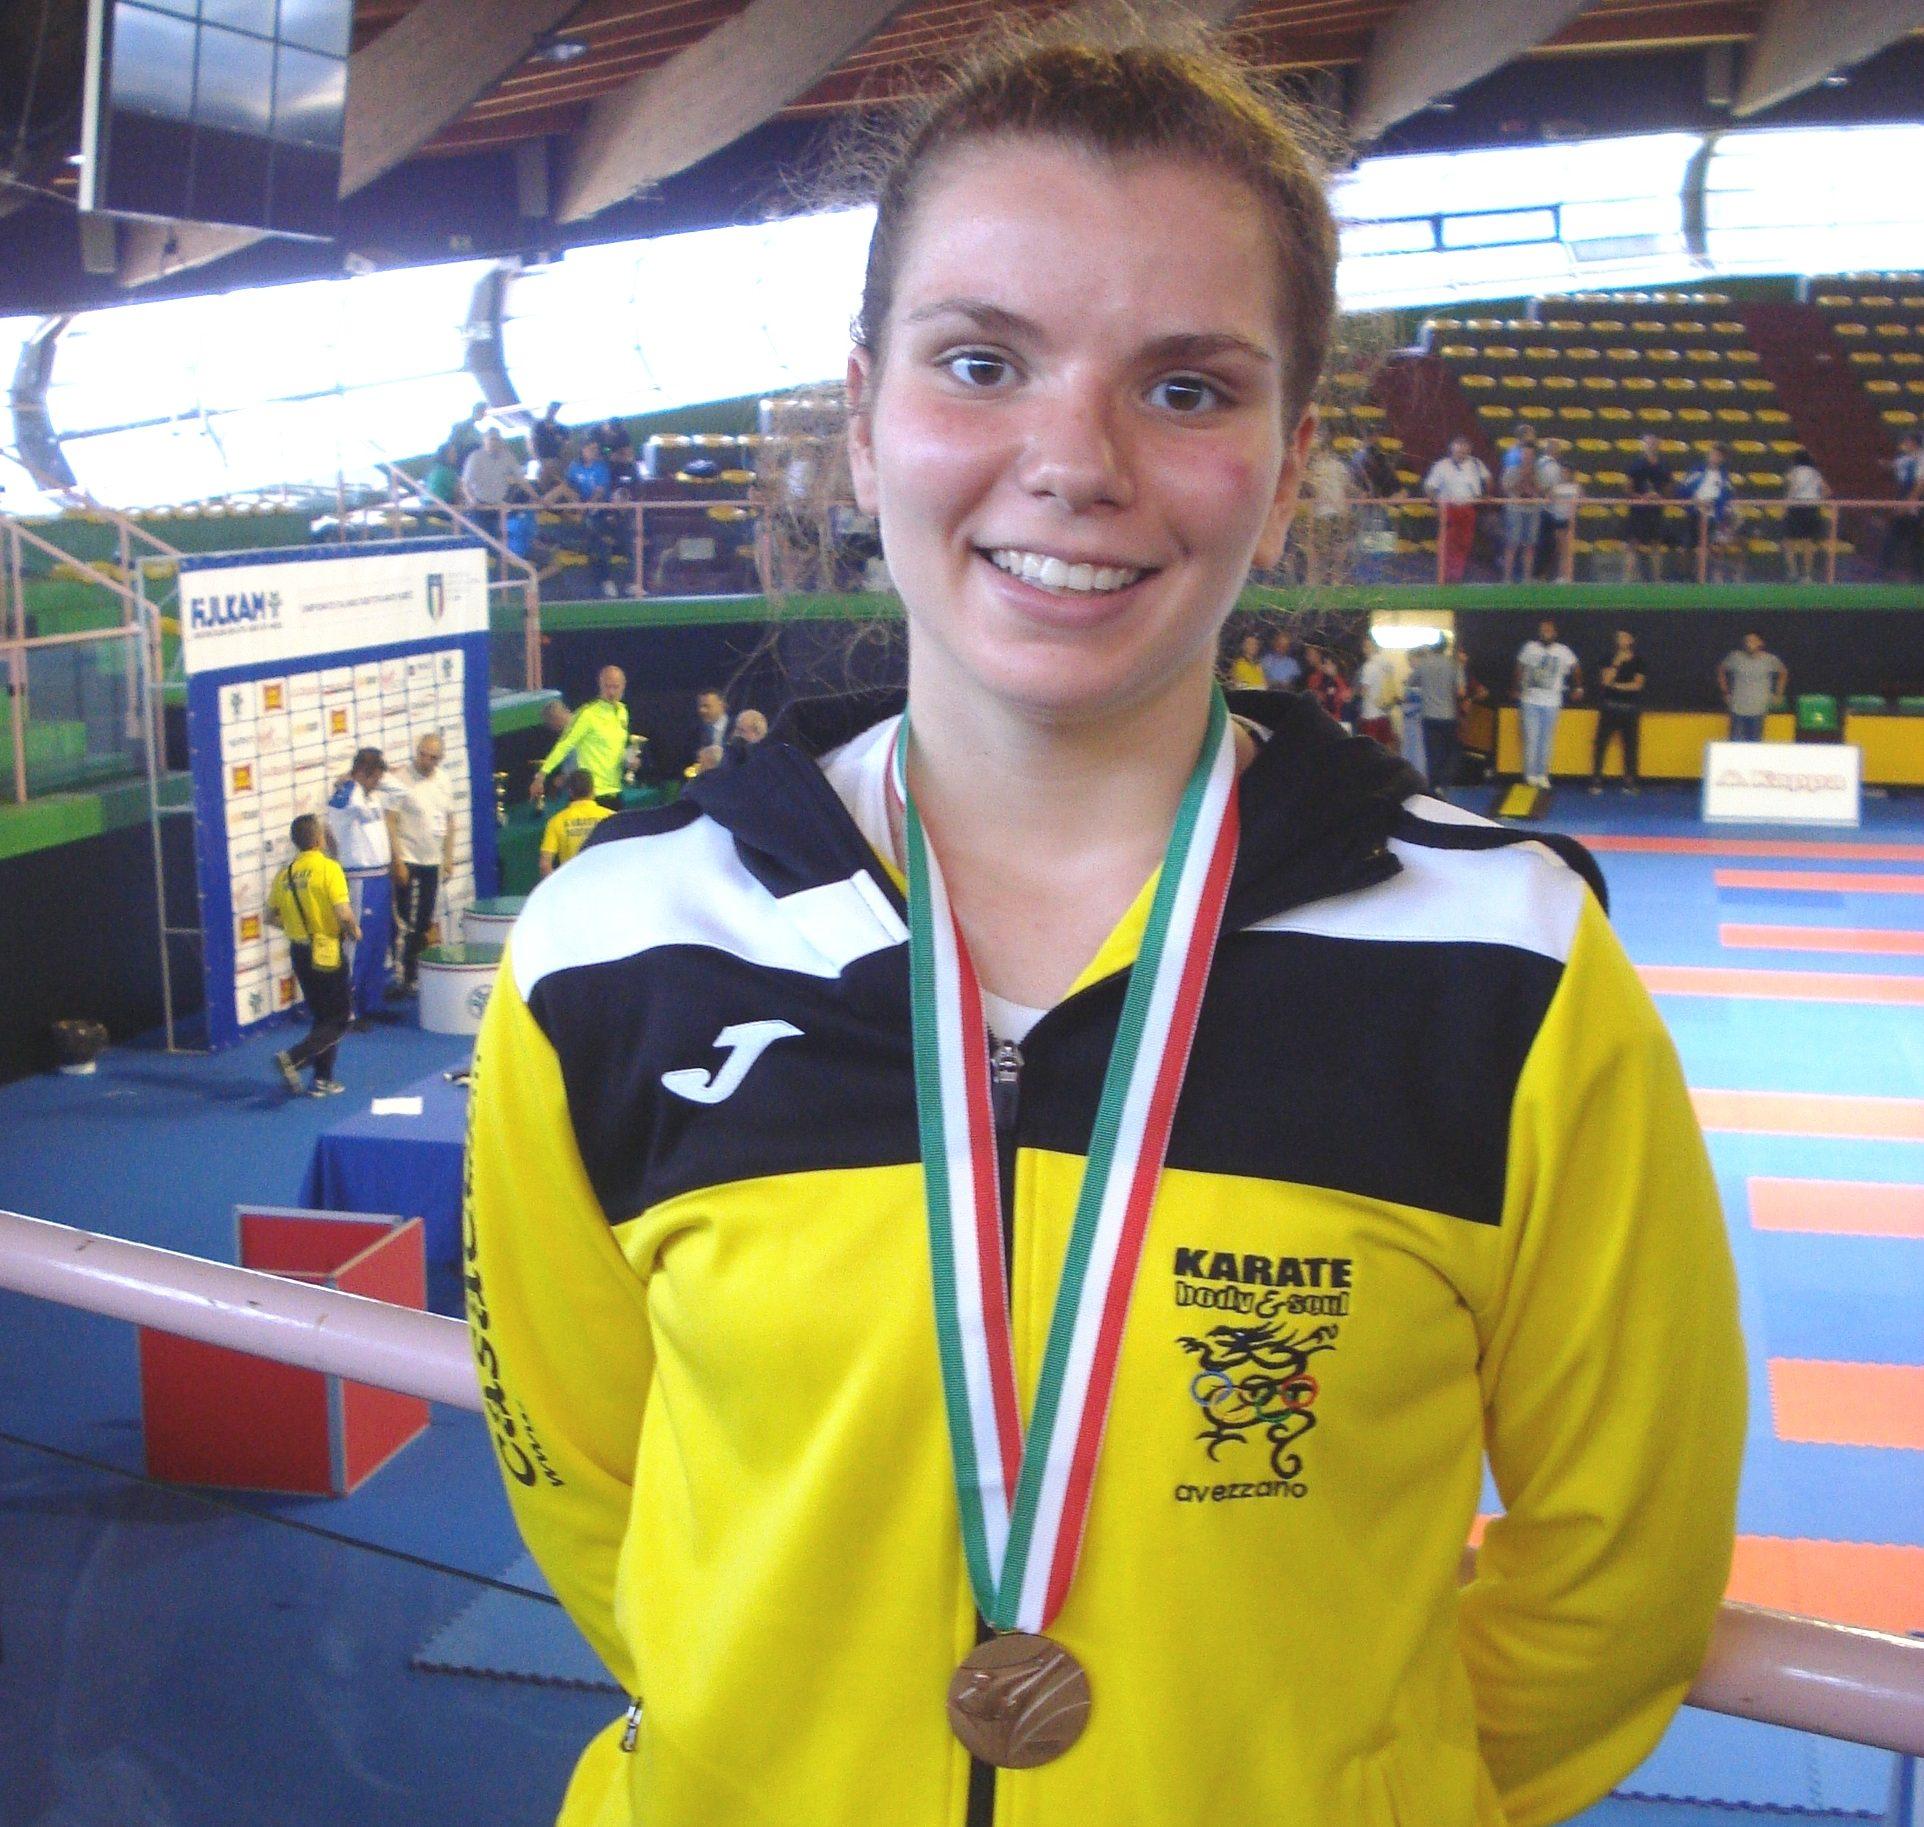 Giada Ciofani conquista la medaglia di bronzo al Campionato Italiano di karate